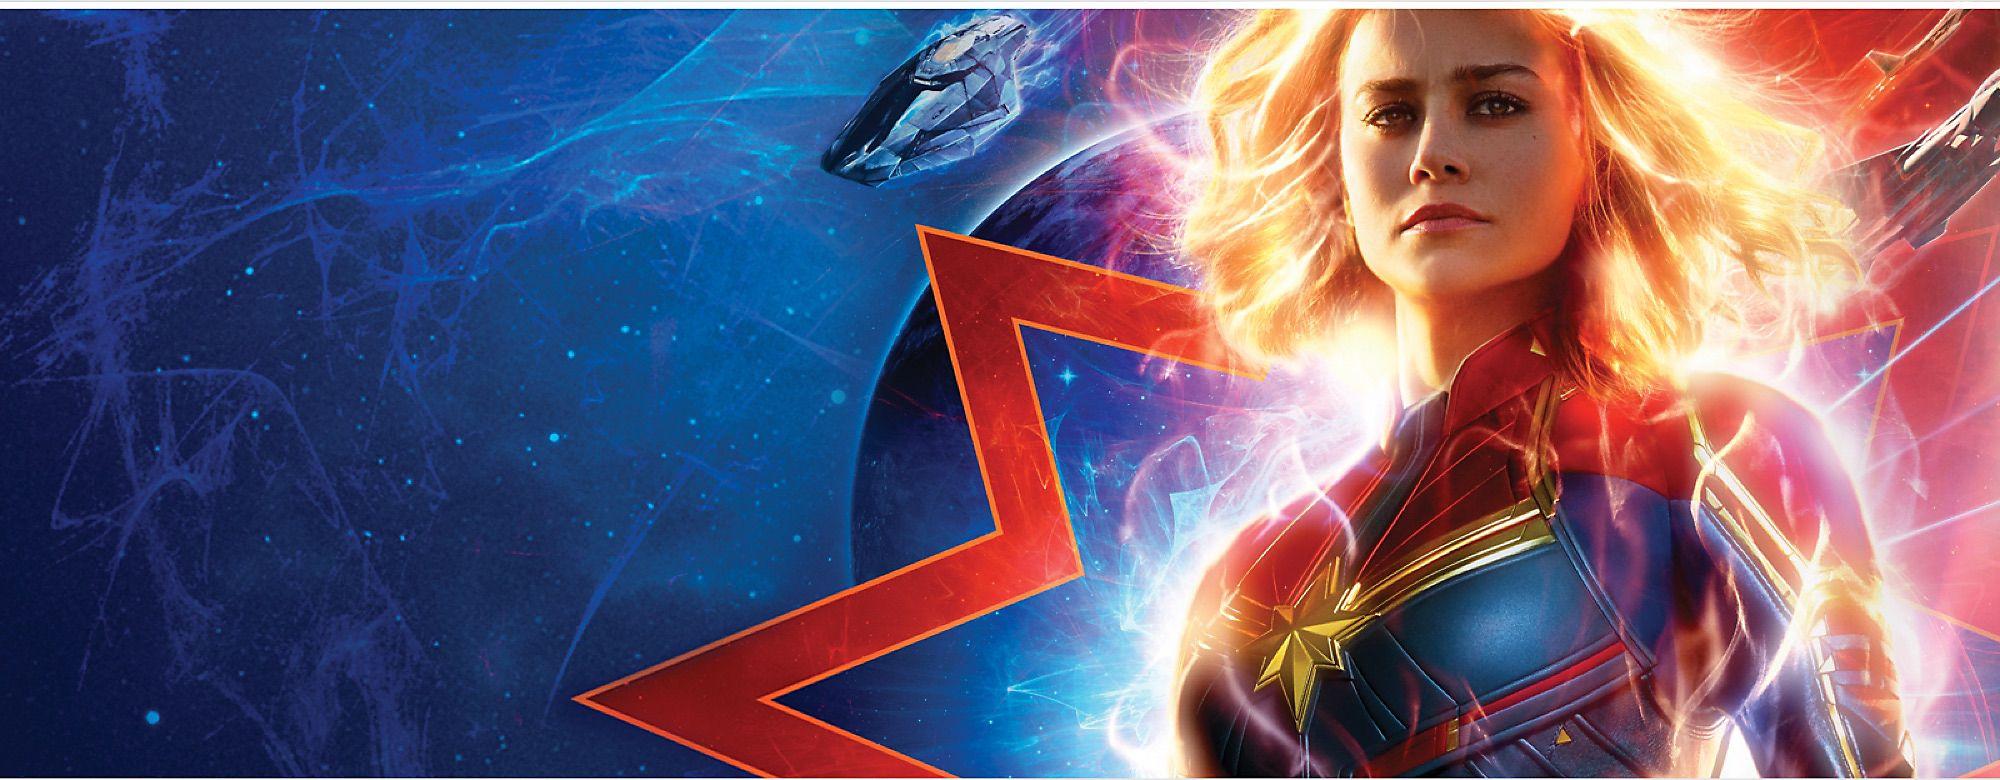 Carol Danvers wird zu einer der stärksten Heldinnen des Universums im Kampf zwischen zwei außerirdischen Rassen. Entdecke unser intergalaktisches Sortiment aus Kleidung, Kostümen, Spielzeug und mehr. Erscheint im März 2019 JETZT KAUFEN